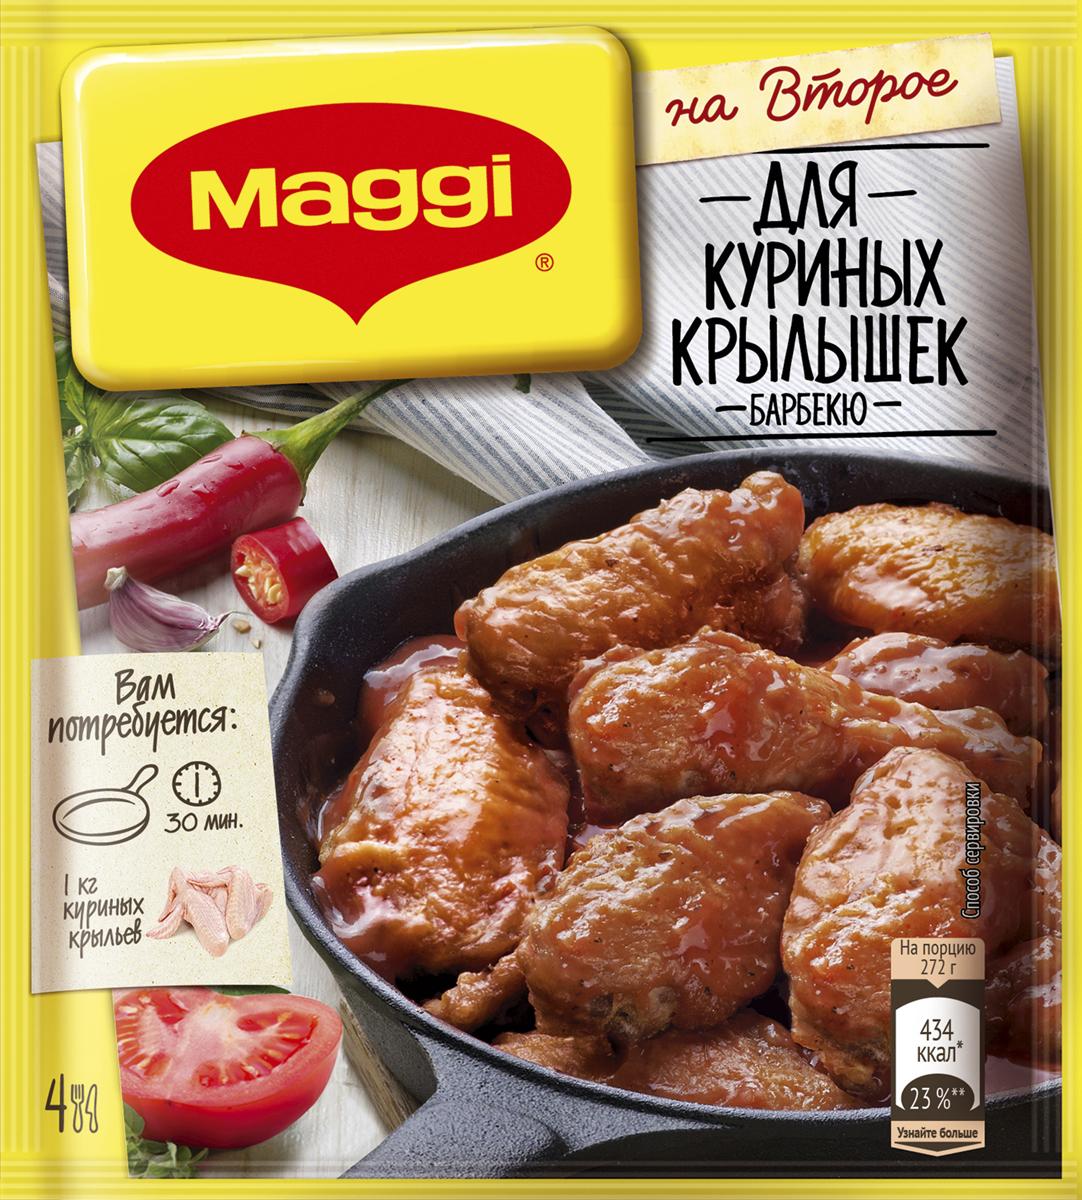 все цены на Maggi для крылышек барбекю, 24 г онлайн